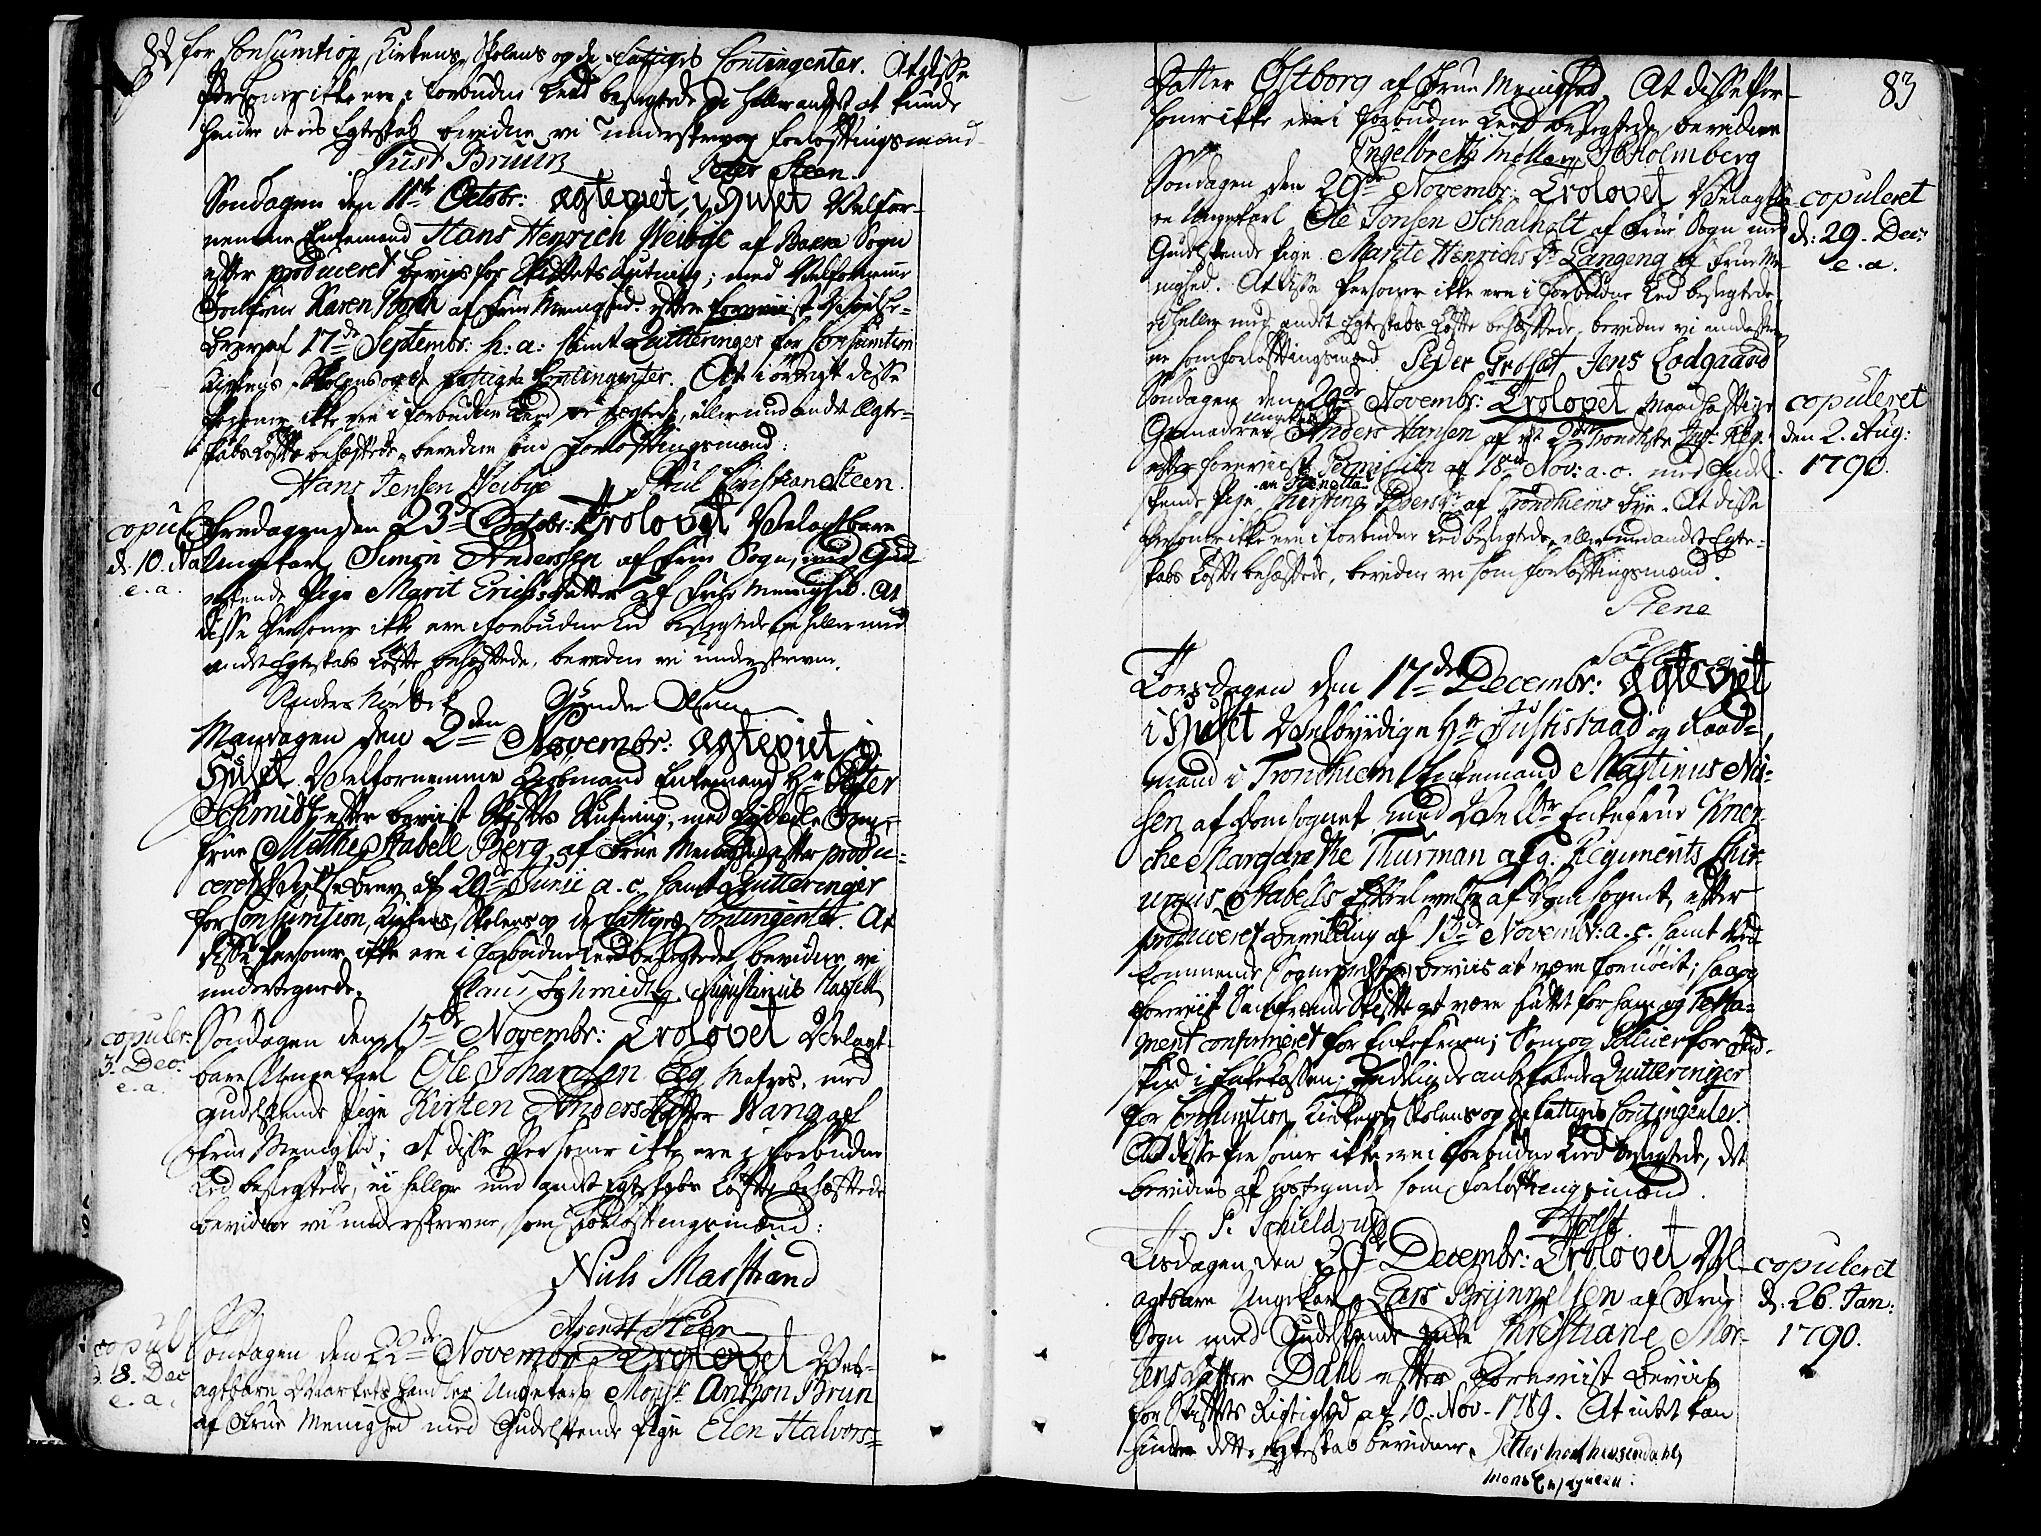 SAT, Ministerialprotokoller, klokkerbøker og fødselsregistre - Sør-Trøndelag, 602/L0105: Ministerialbok nr. 602A03, 1774-1814, s. 82-83